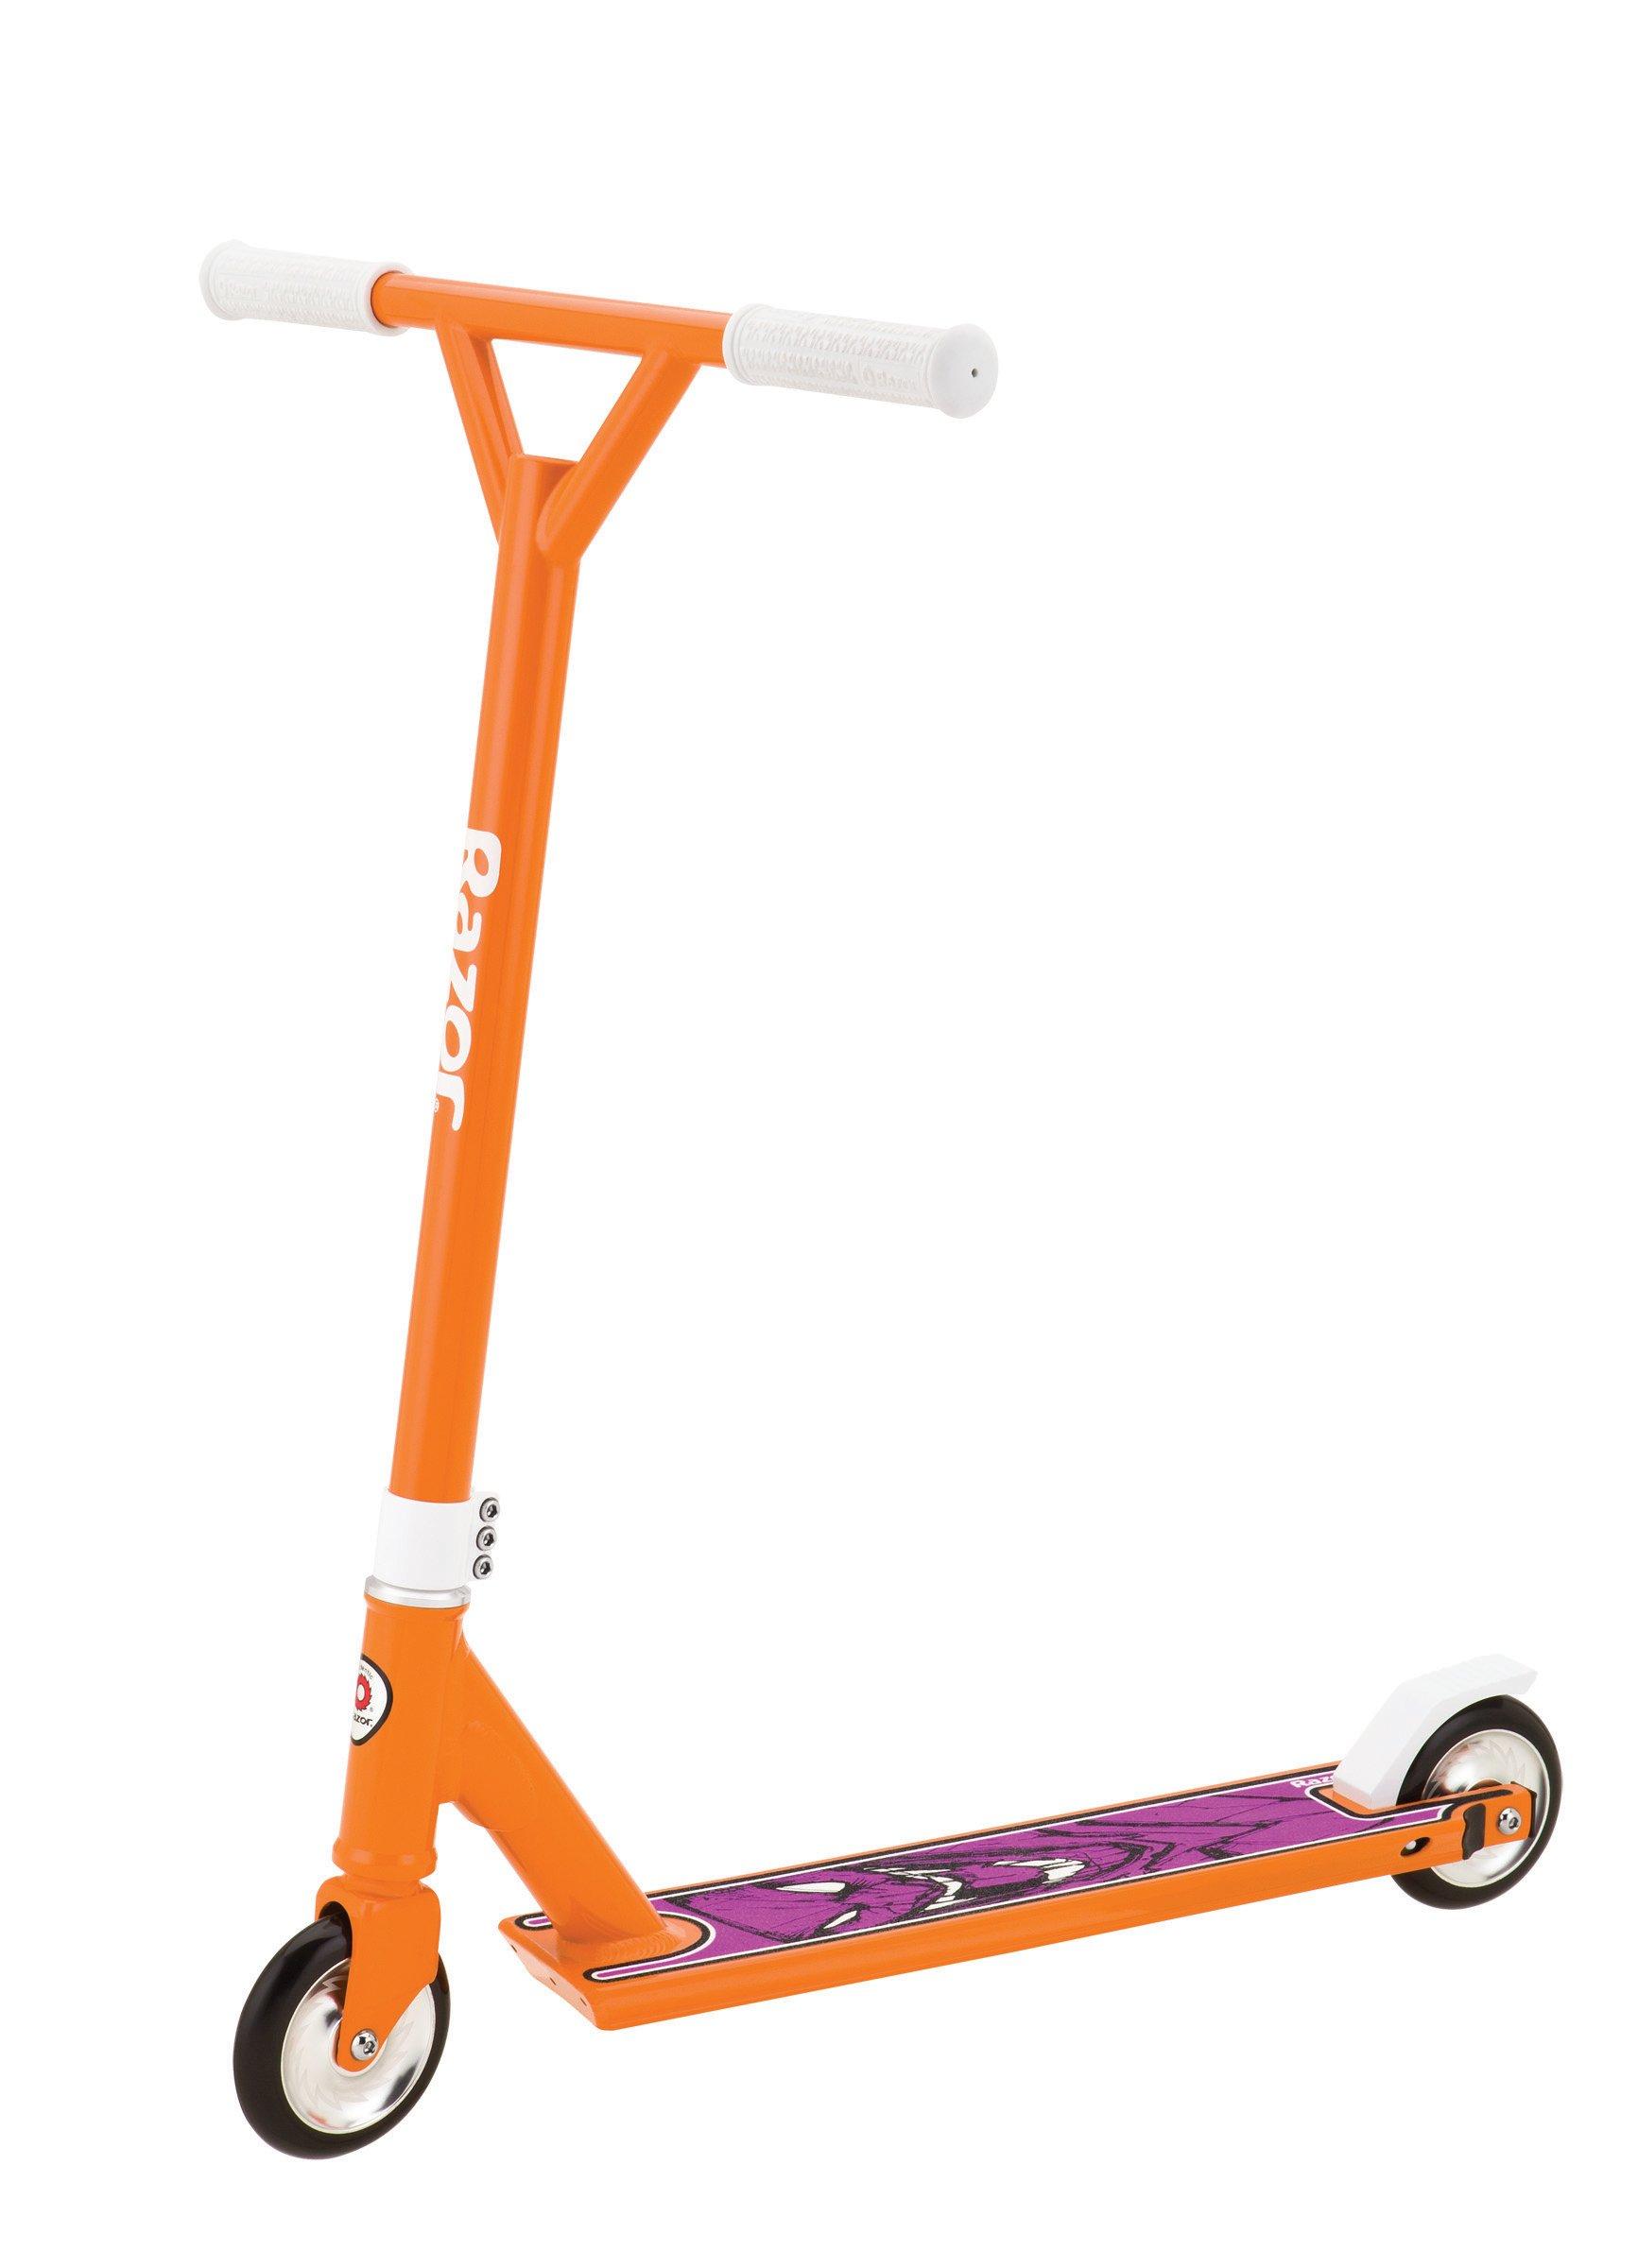 Razor Pro El Dorado Scooter, Orange